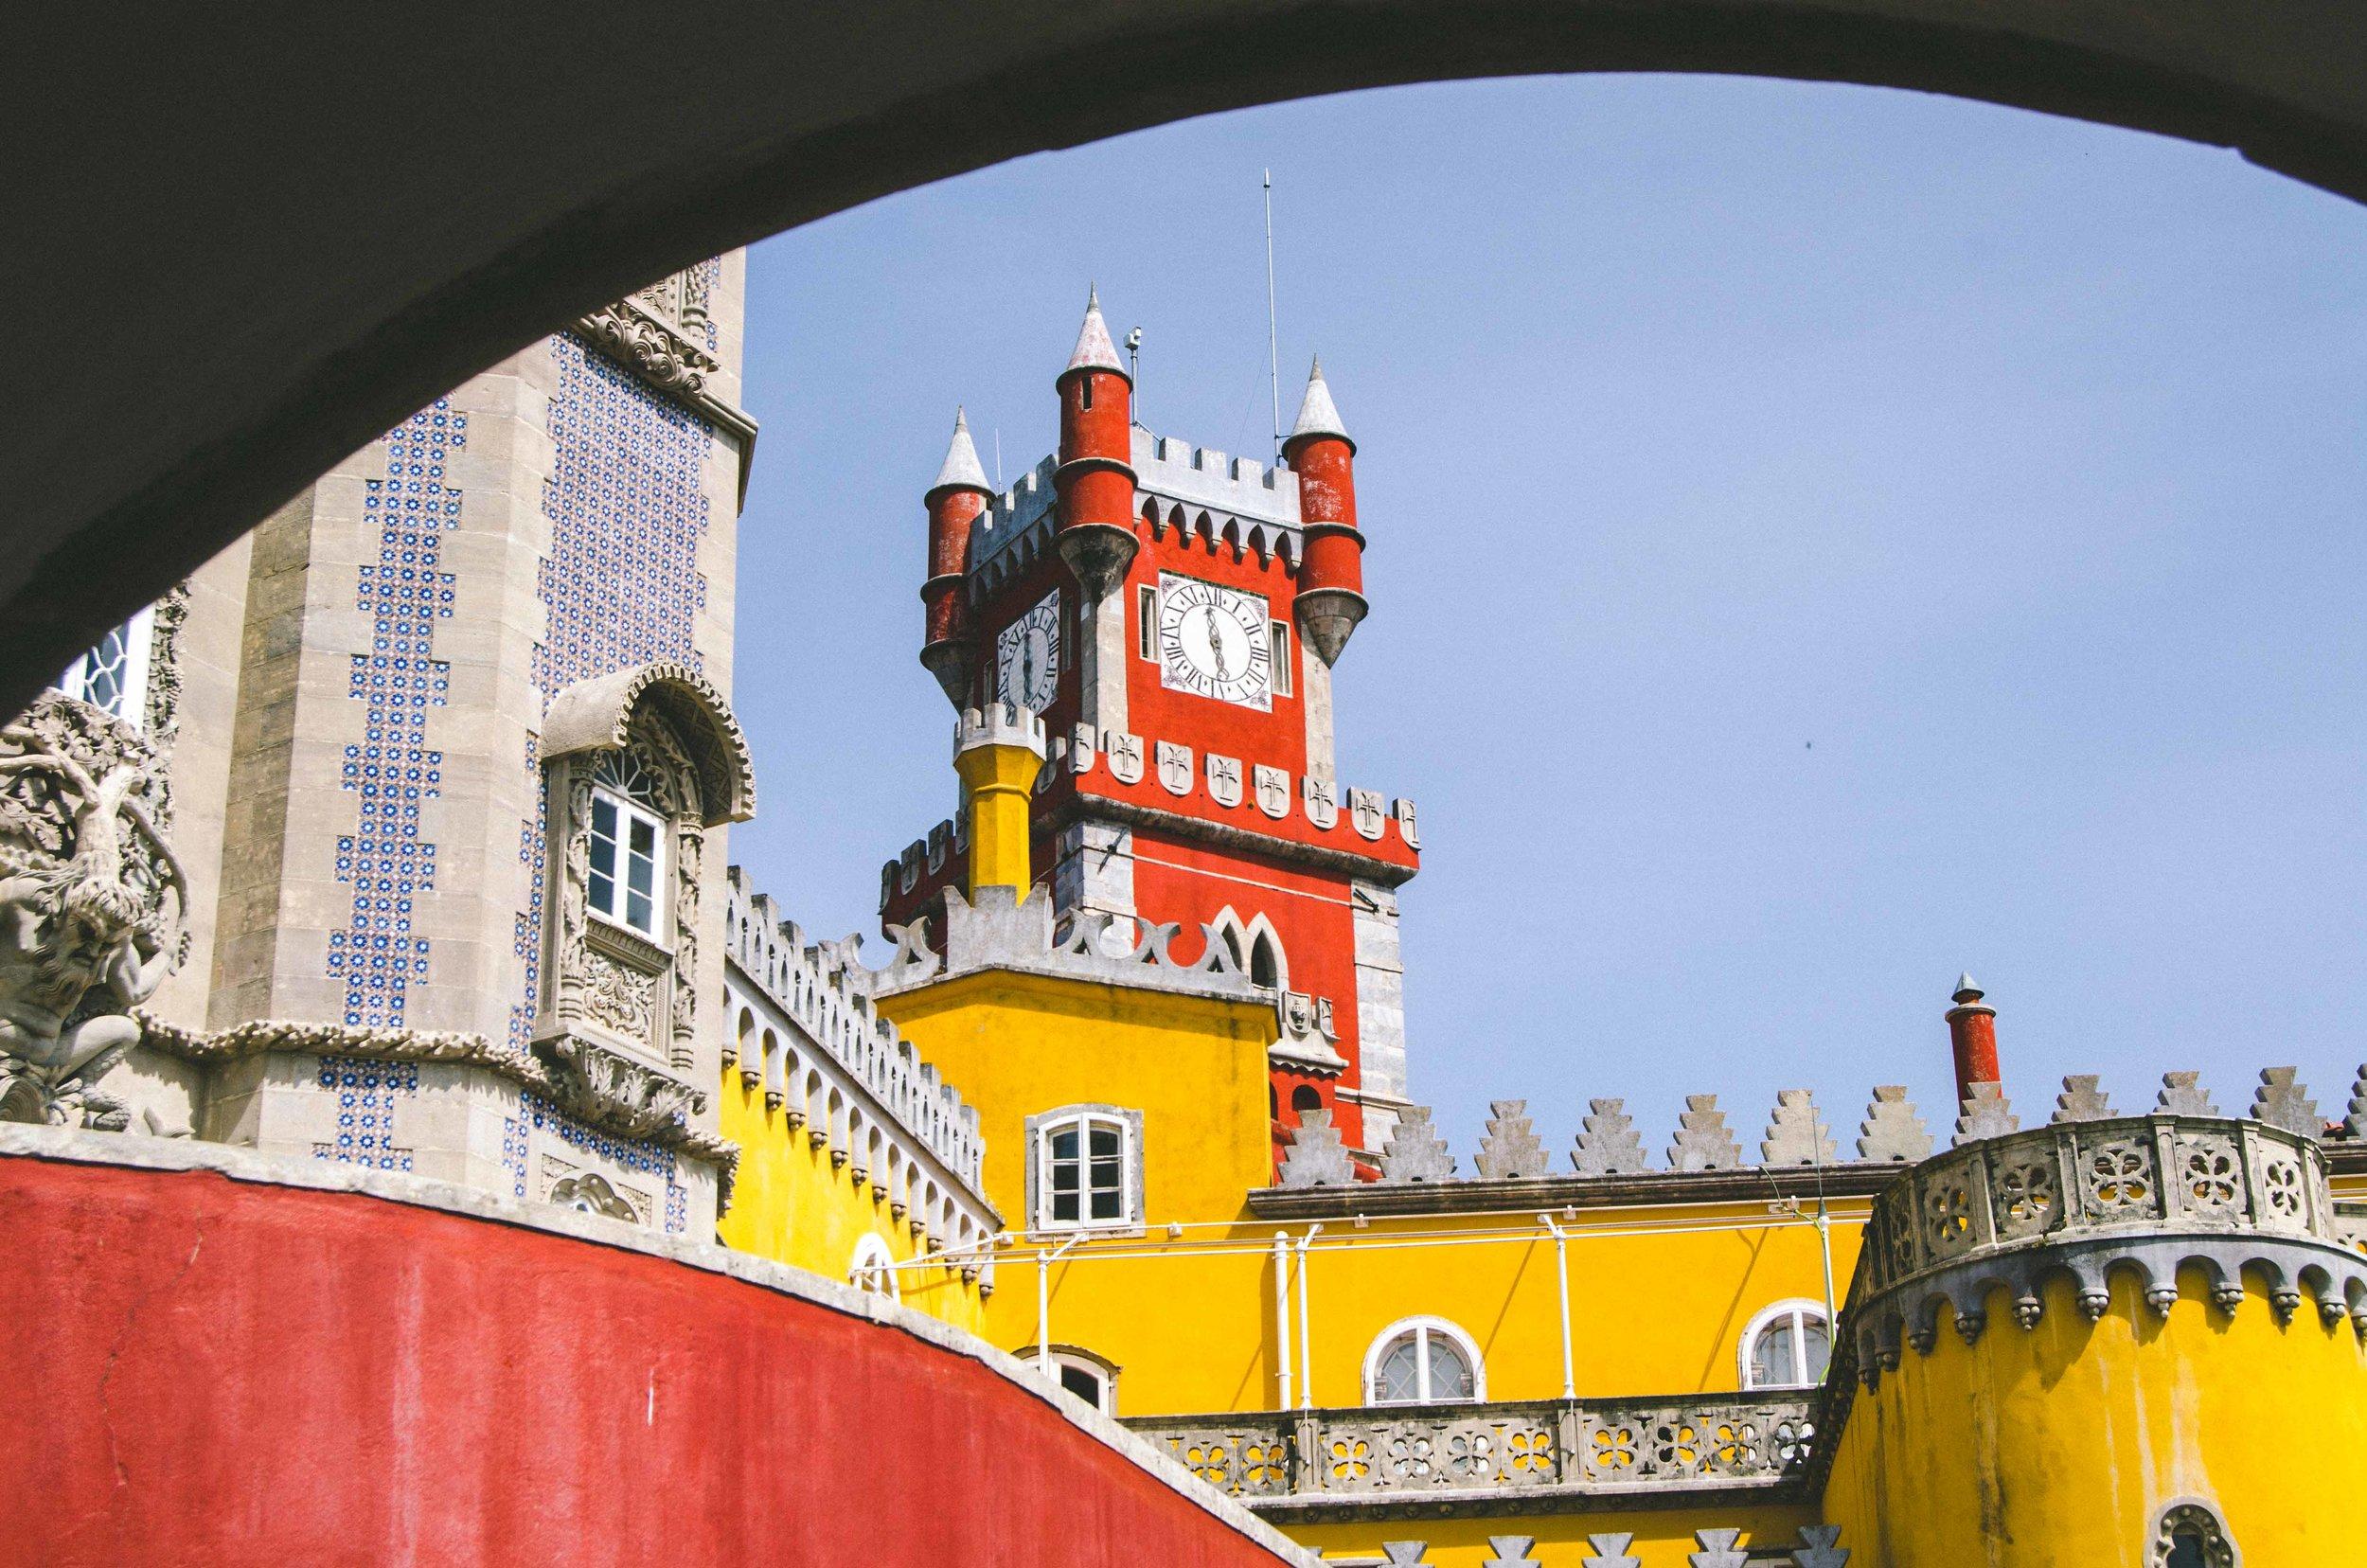 schoenmaker_portugalblog-18.jpg